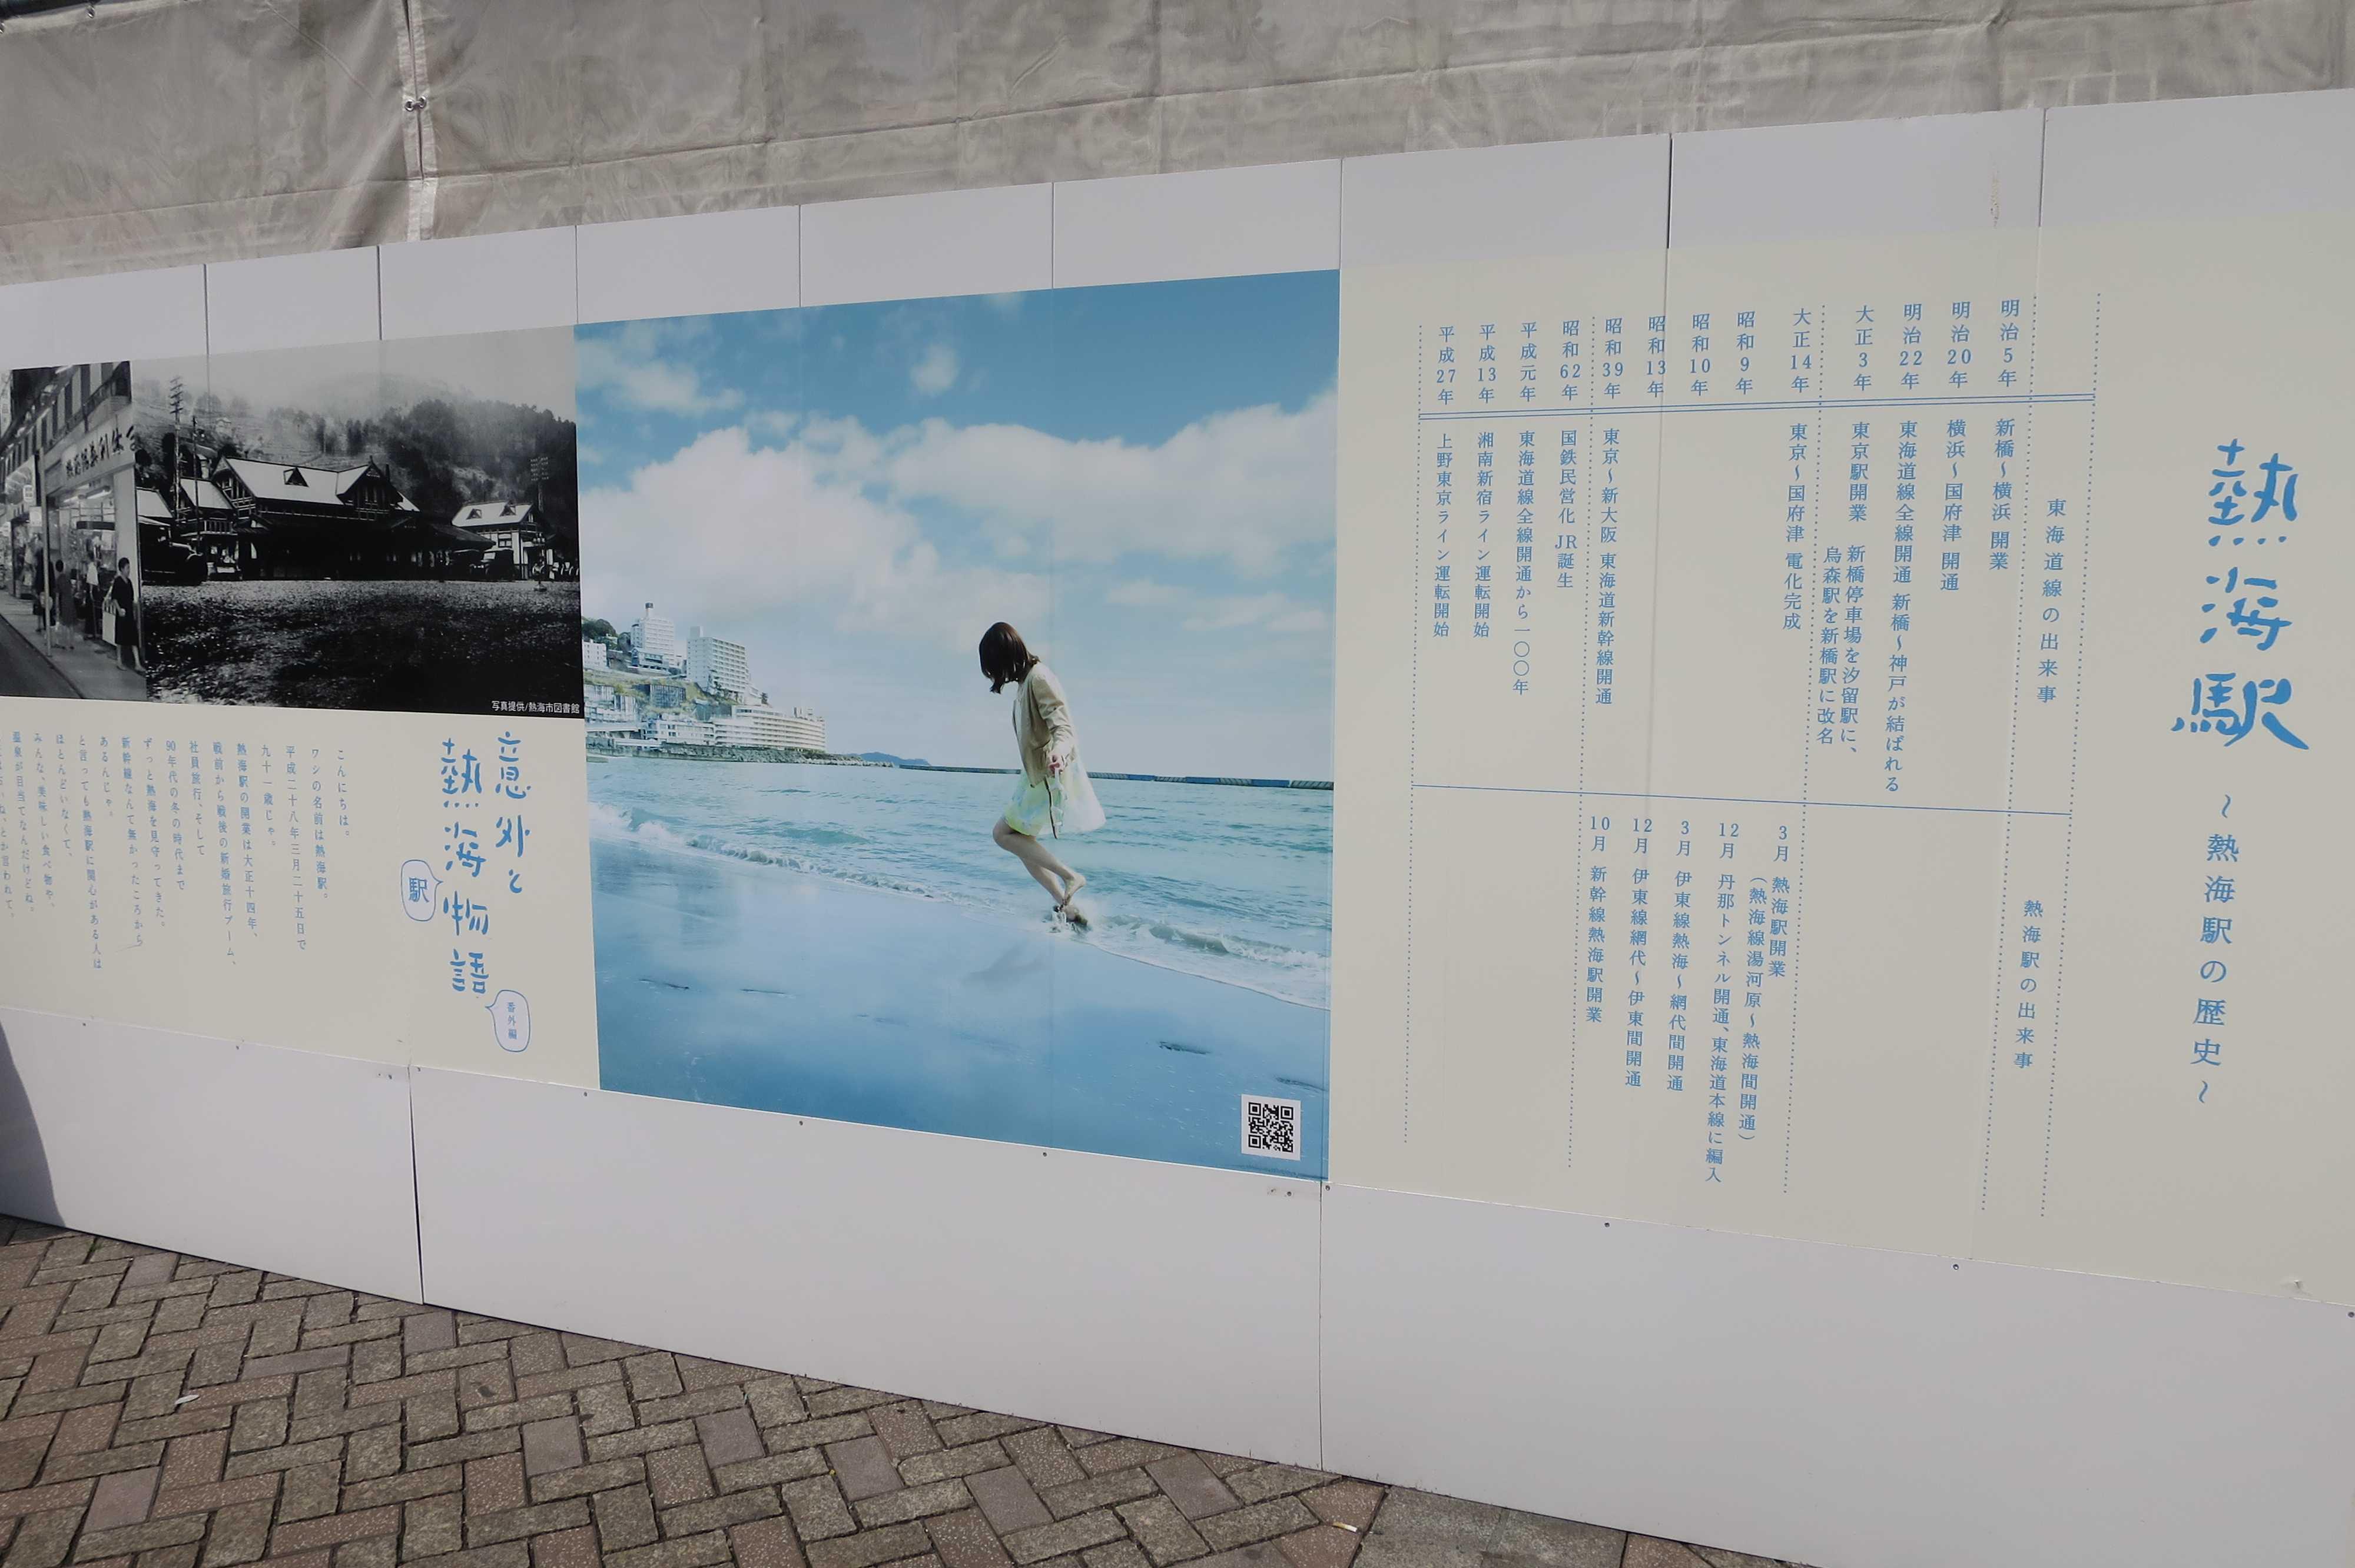 熱海駅 - 熱海駅の歴史